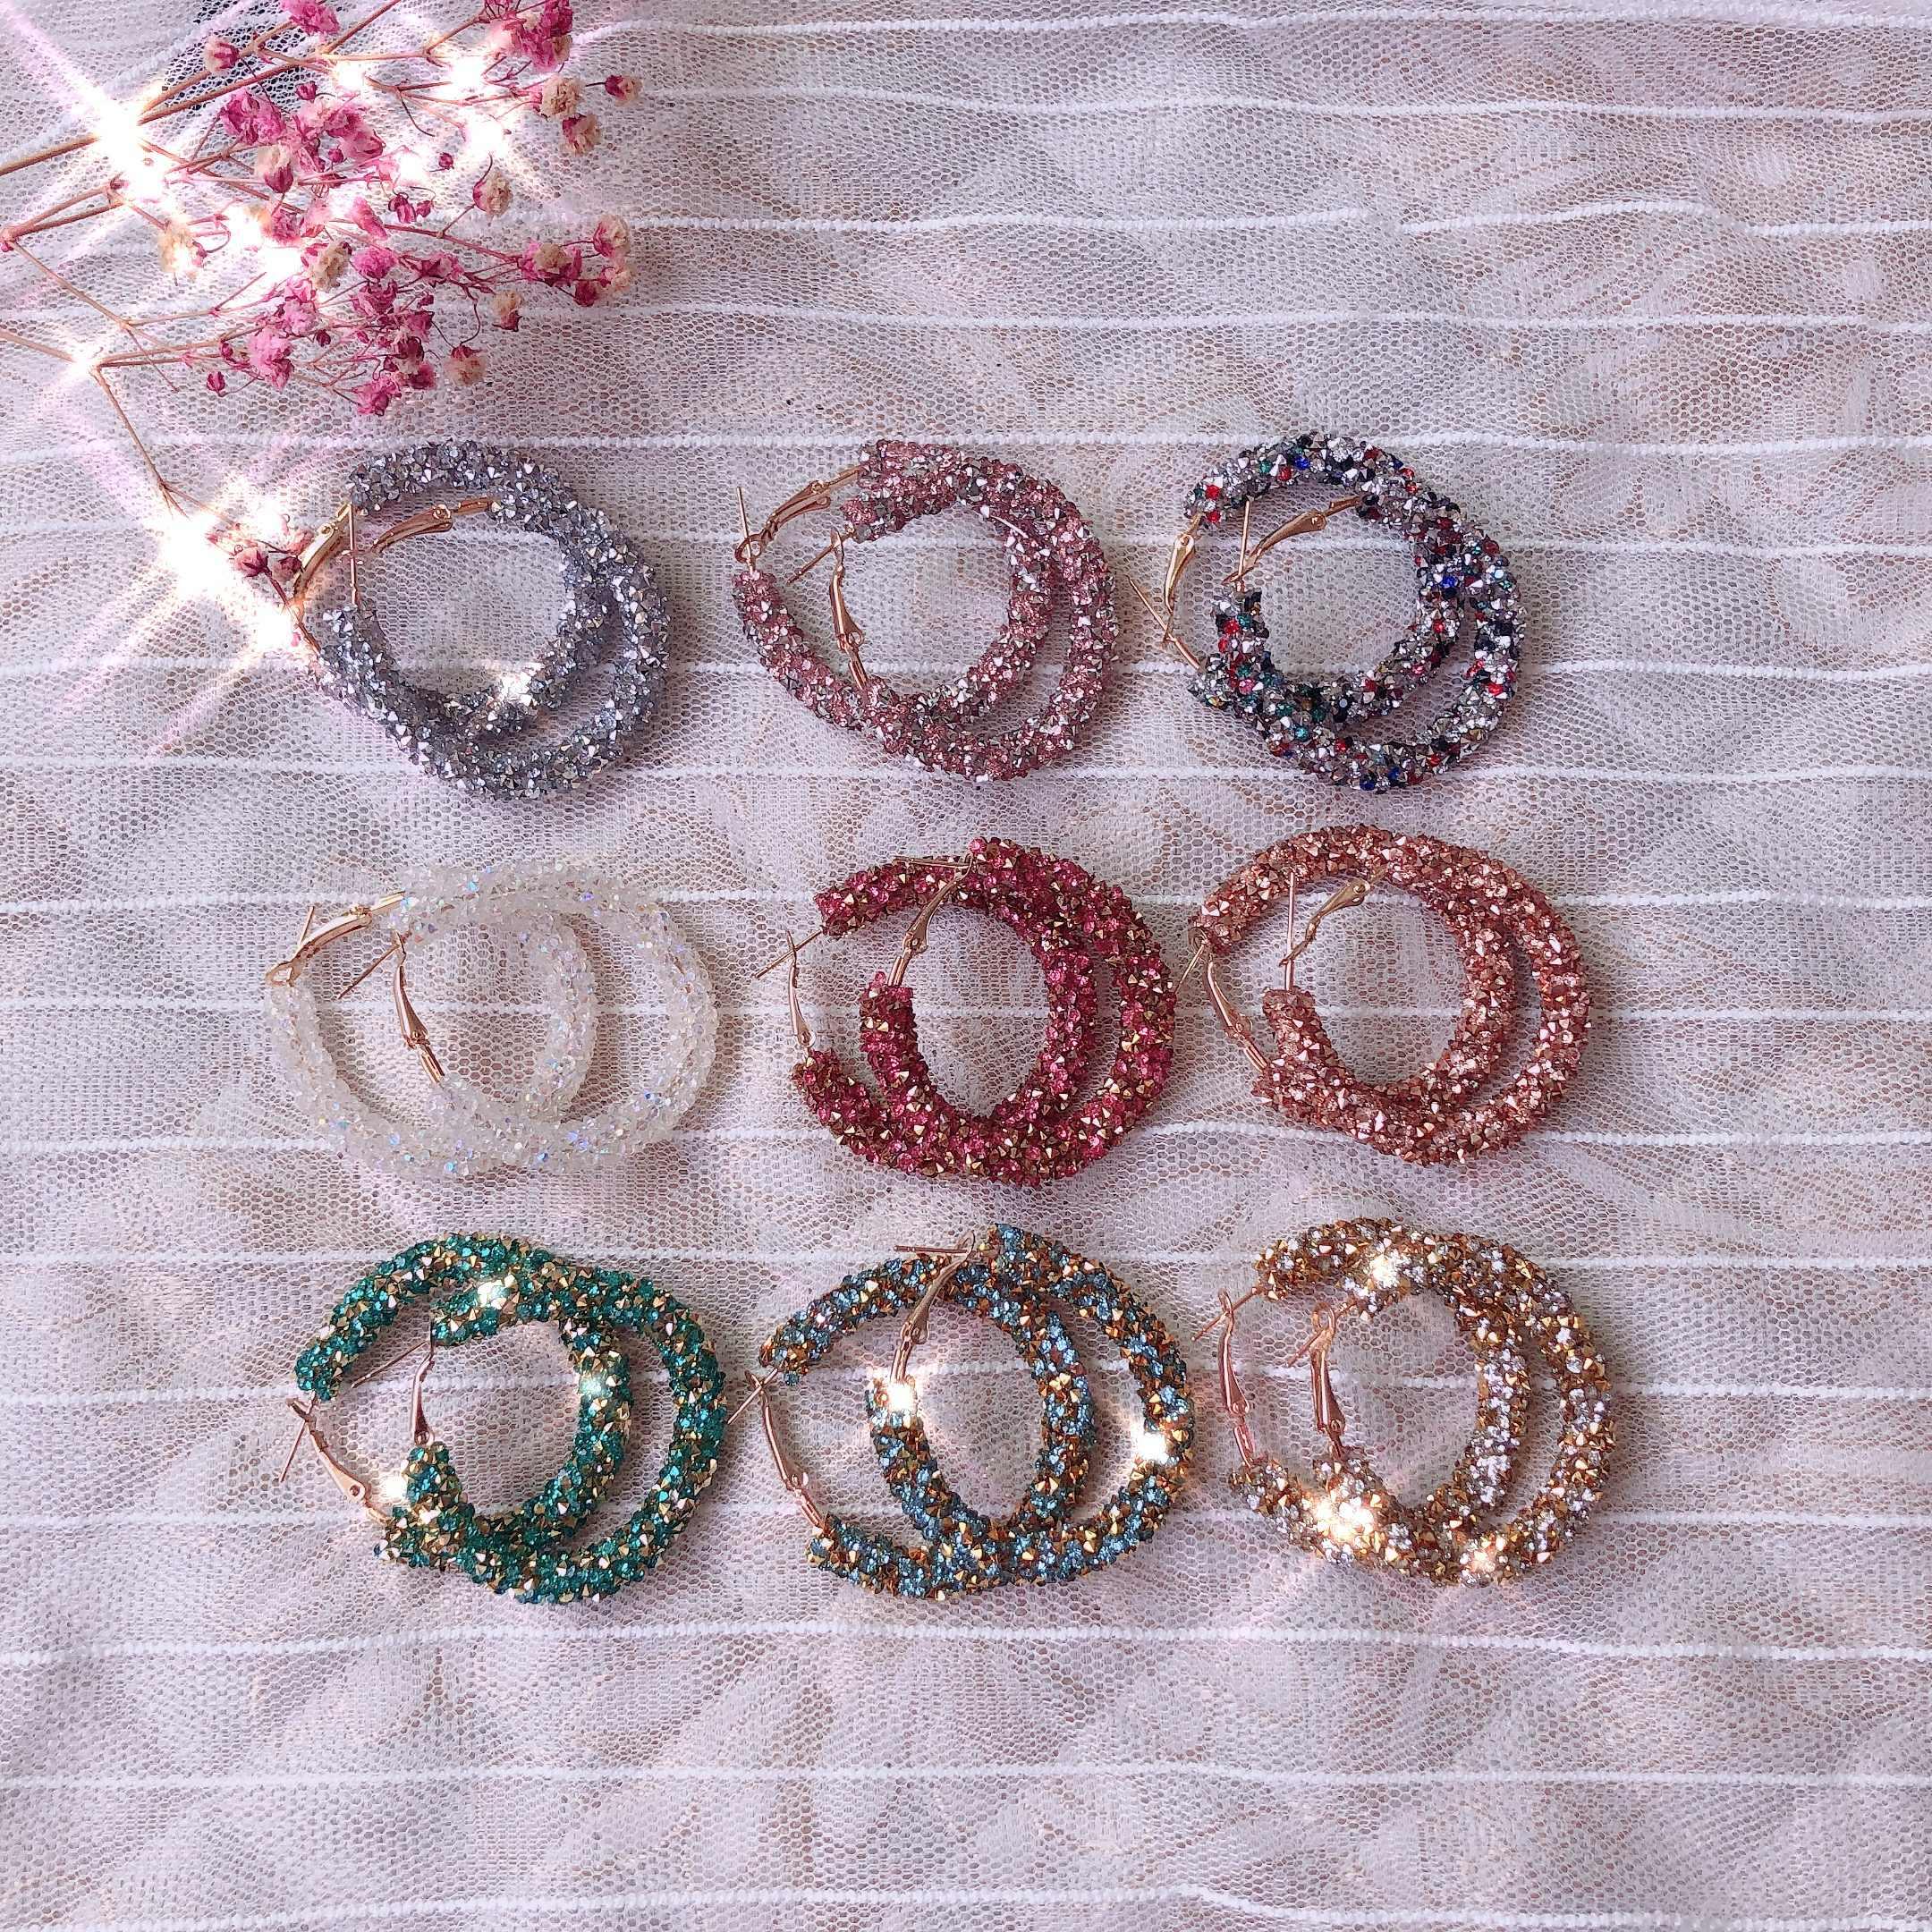 Kobiety prosty nowy Design moda urok kryształowe kolczyki geometryczne okrągłe błyszczące Rhinestone duży kolczyk biżuteria